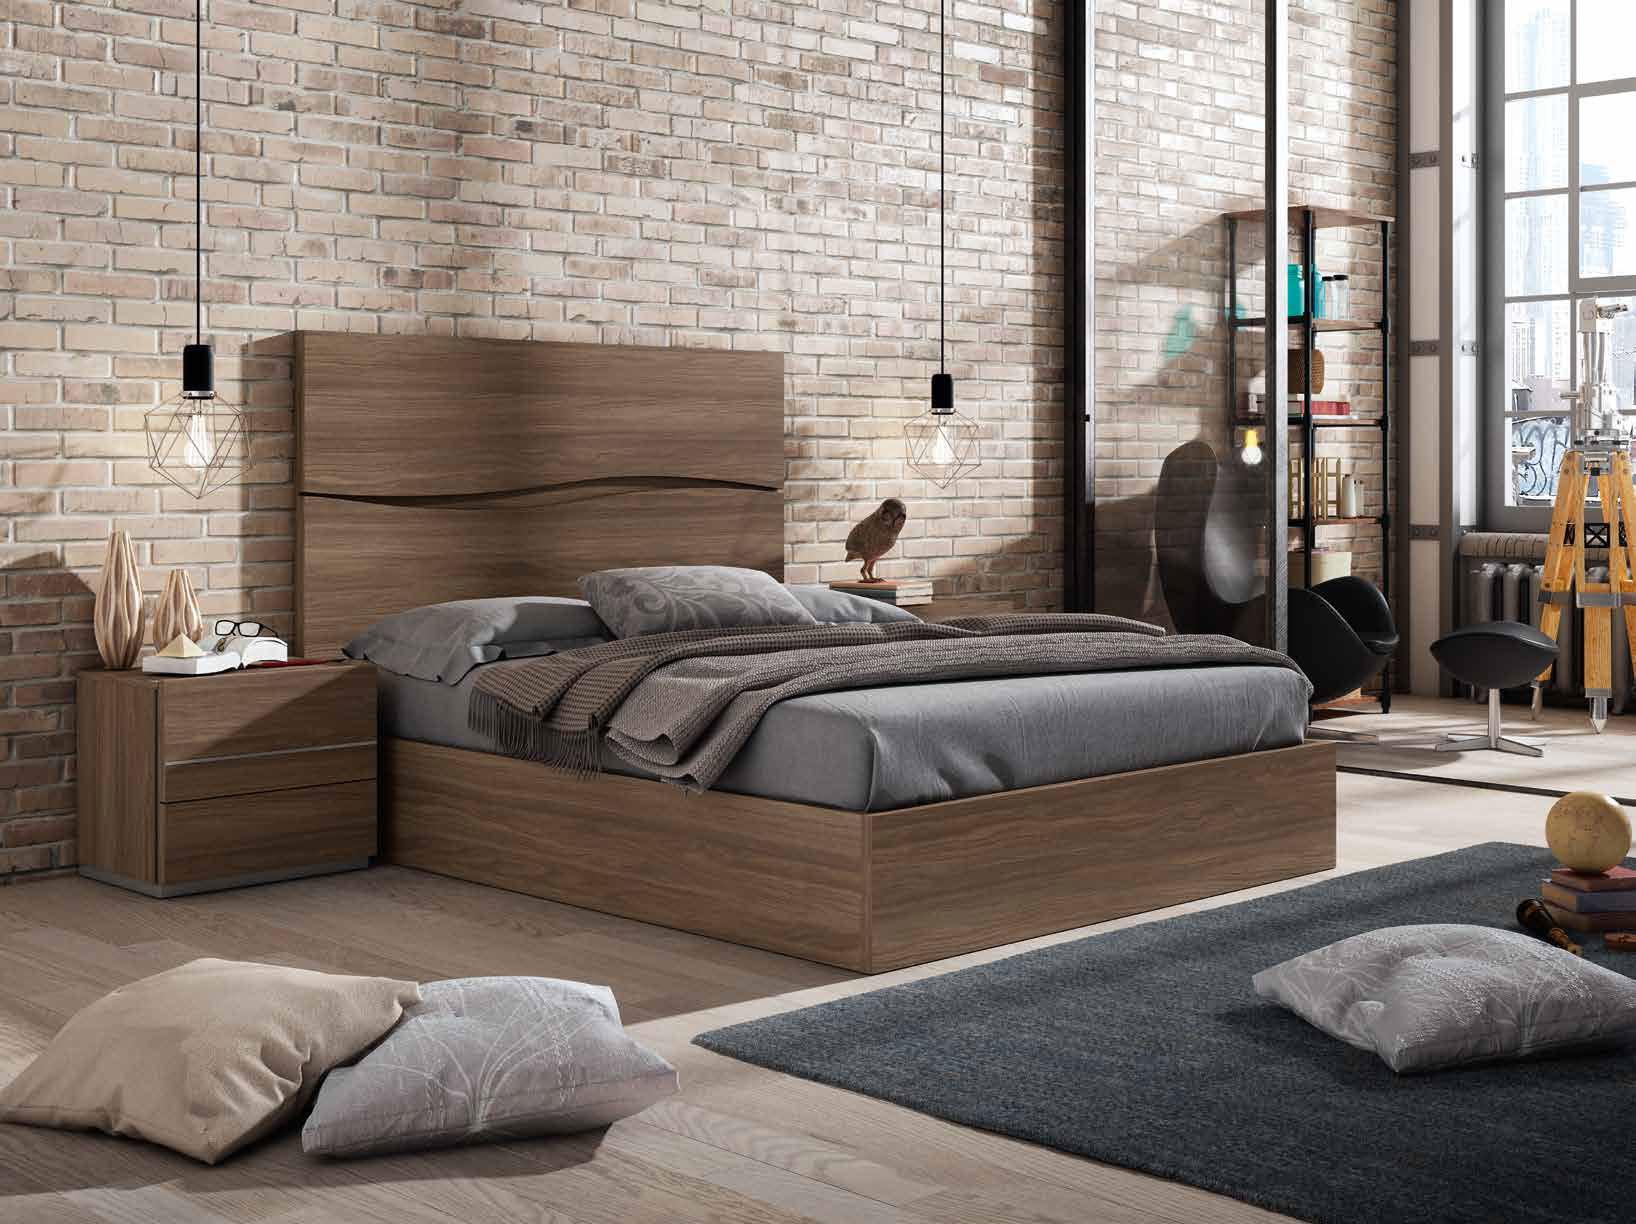 creta-dormitorio-hebe-28